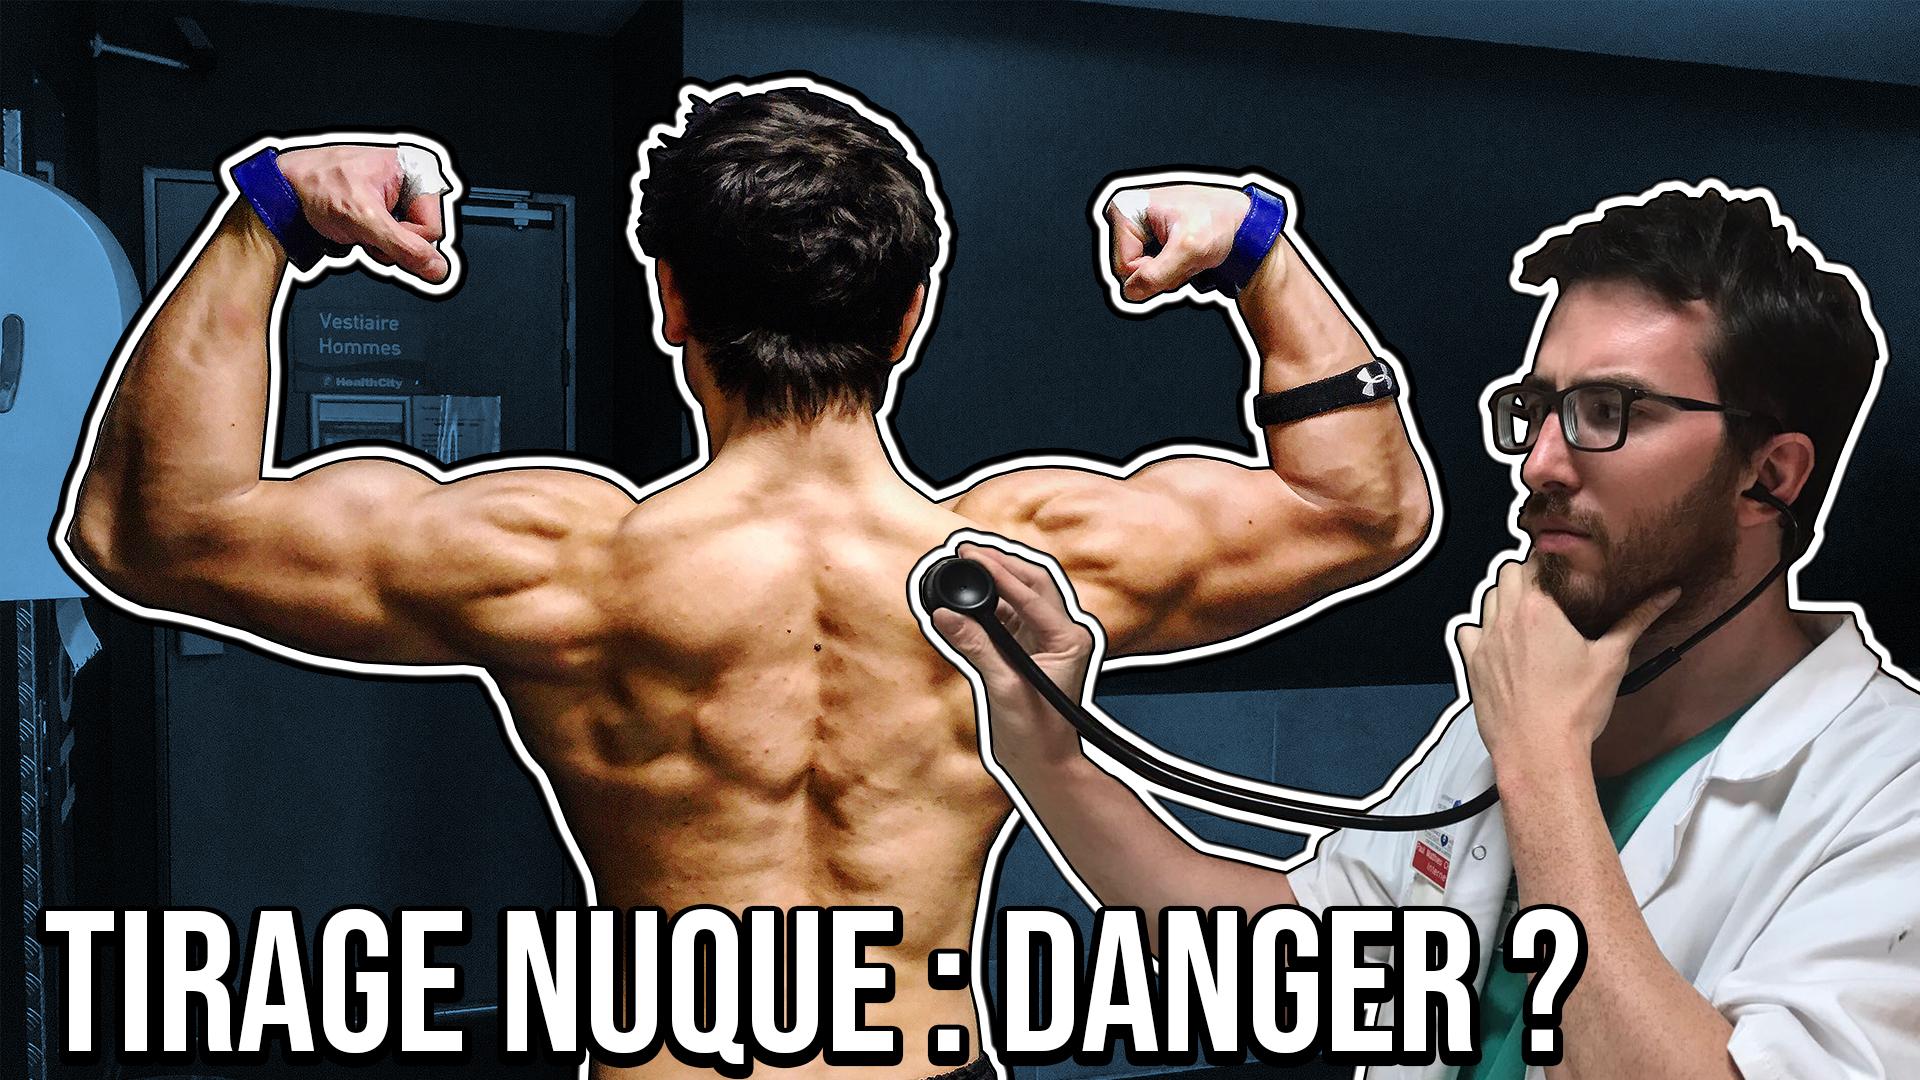 TIRAGE NUQUE : INUTILE ET DANGEREUX?!